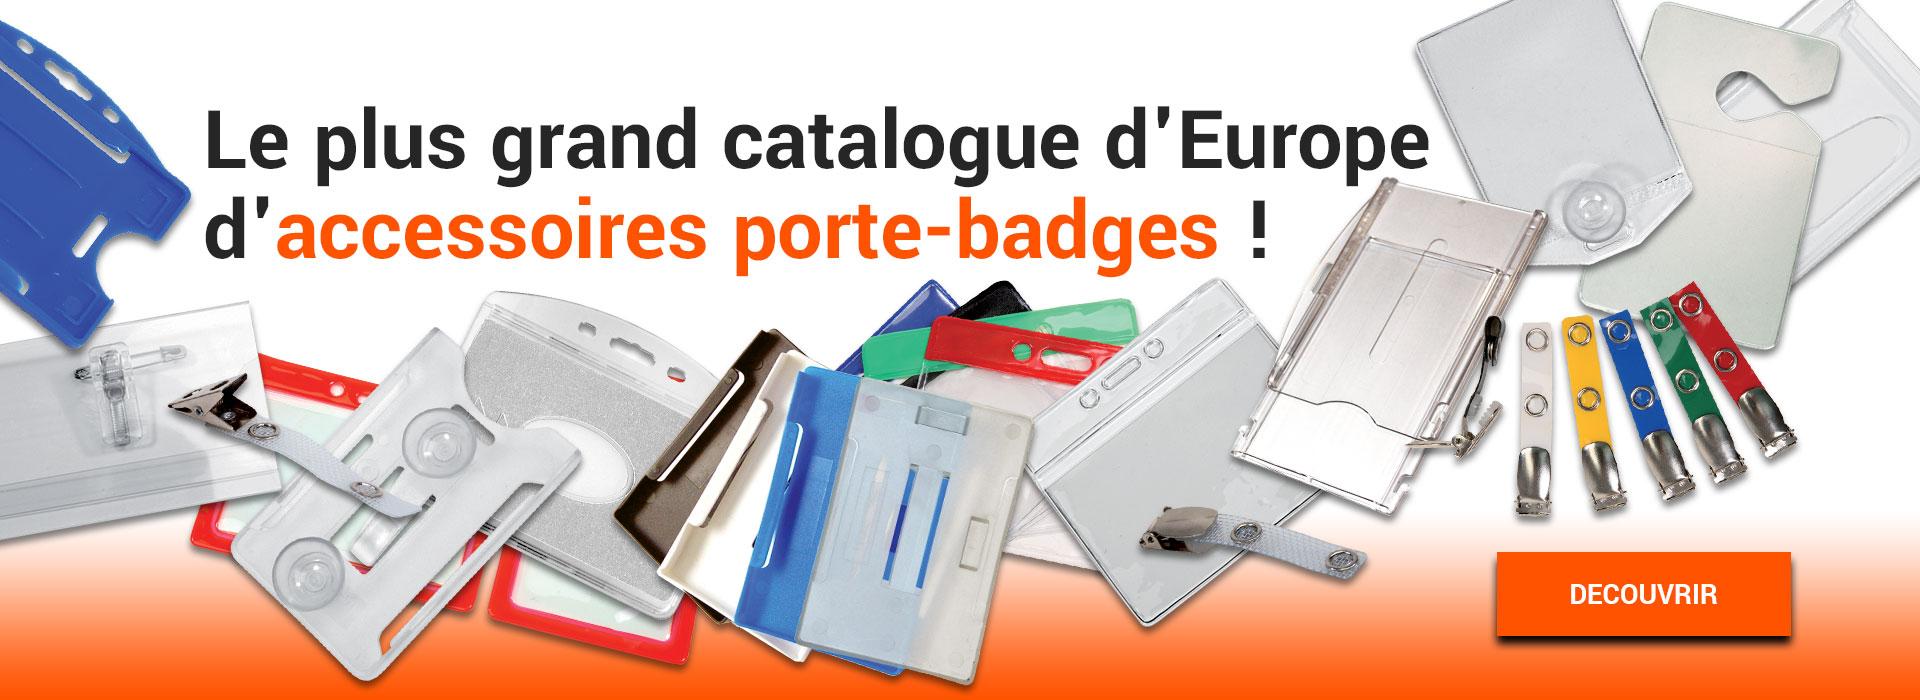 accessoires porte badge